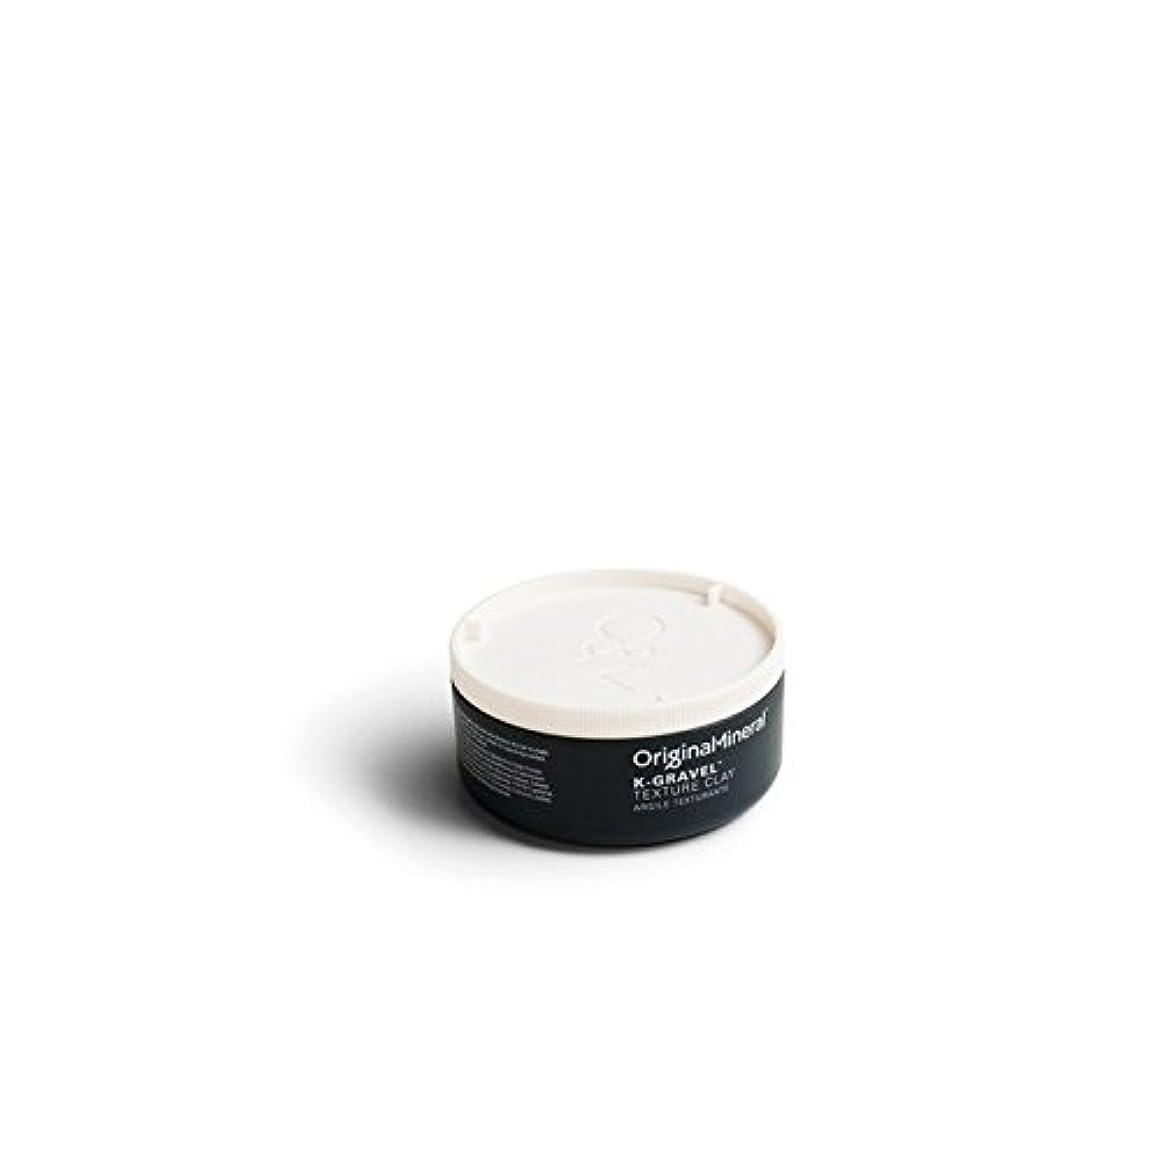 とティームスカイモスク[Original & Mineral] オリジナル&ミネラルK-砂利テクスチャ粘土(100グラム) - Original & Mineral K-Gravel Texture Clay (100g) [並行輸入品]